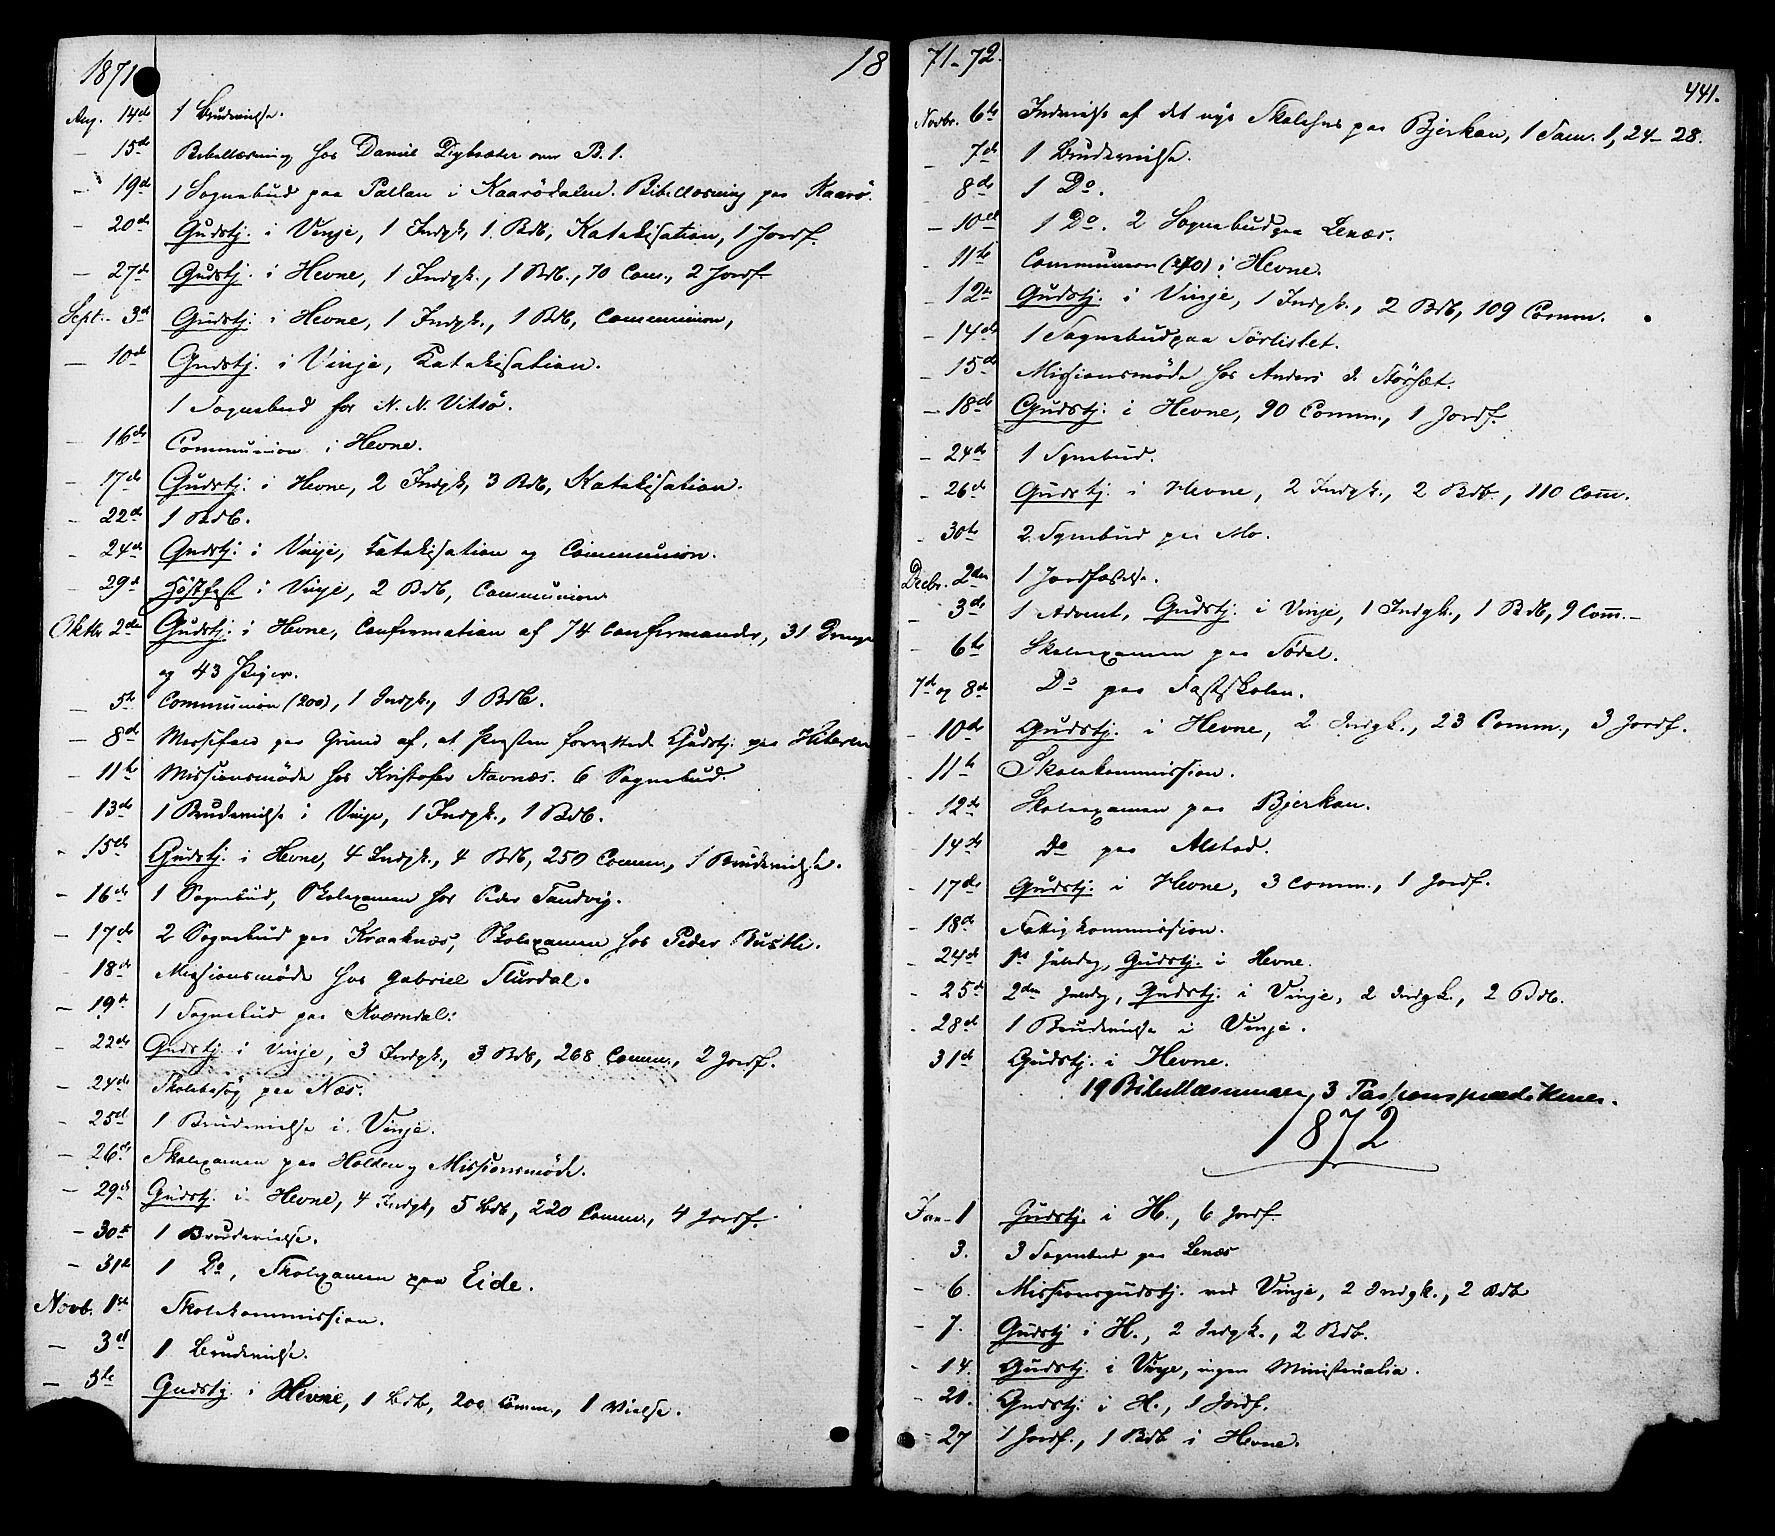 SAT, Ministerialprotokoller, klokkerbøker og fødselsregistre - Sør-Trøndelag, 630/L0495: Ministerialbok nr. 630A08, 1868-1878, s. 441